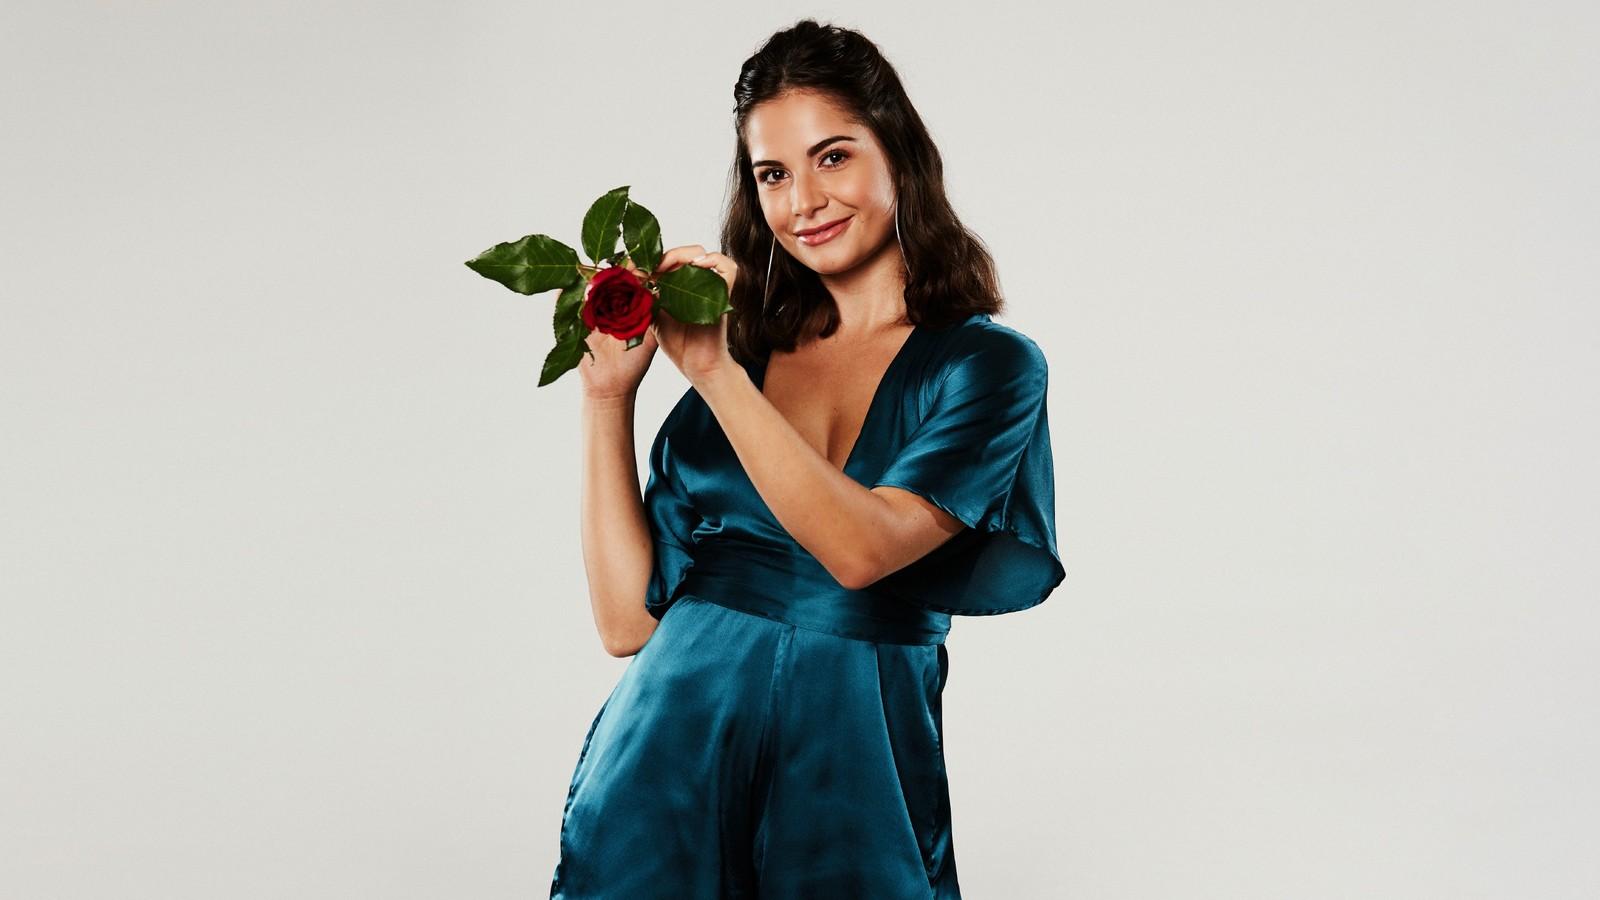 Bachelor-Kandidatin Diana